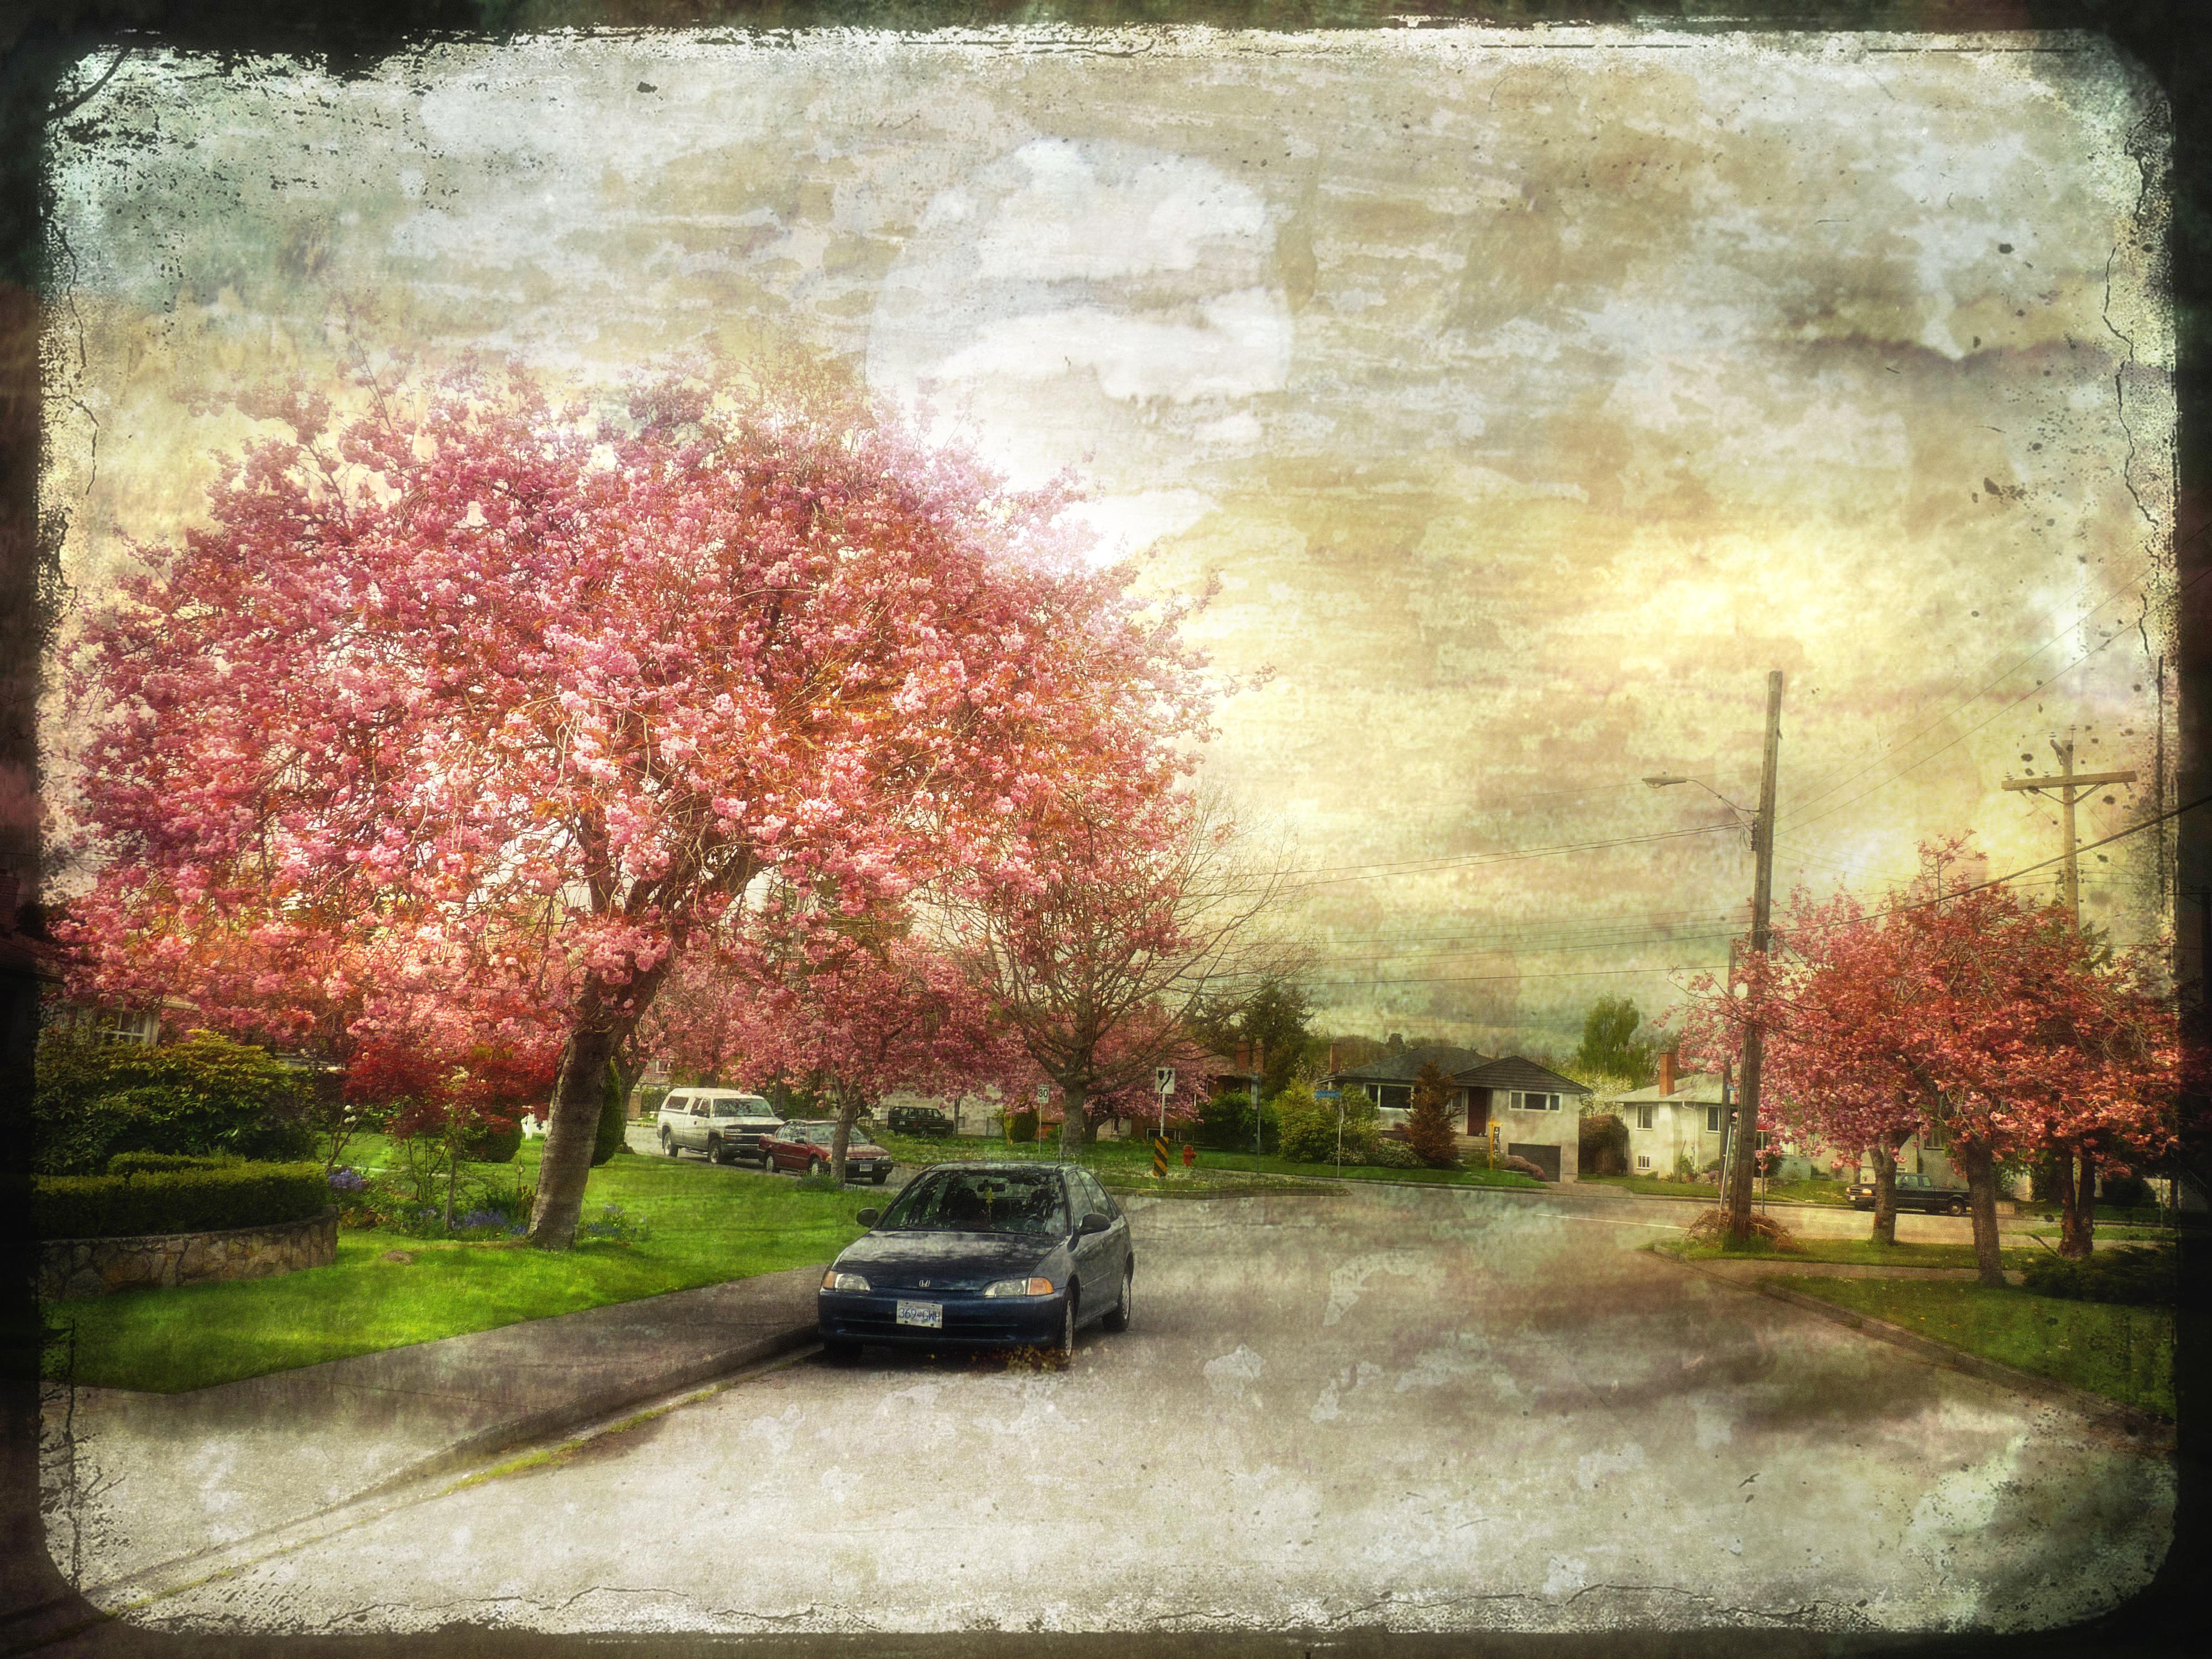 Masaüstü Boyama Araba çiçeği Bahar Nisan Ağaç Sonbahar